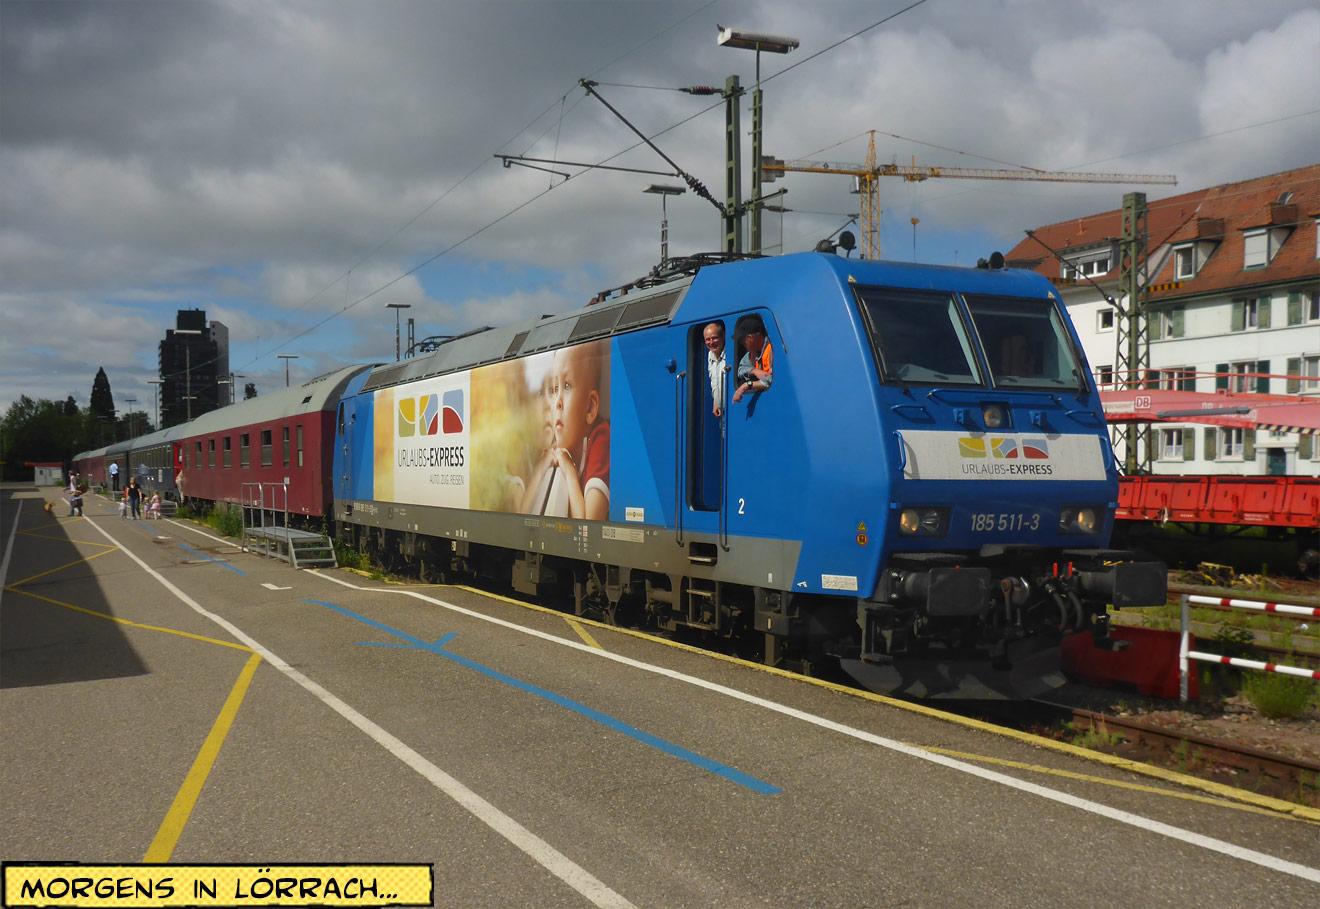 Urlaubs-Express Lörrach